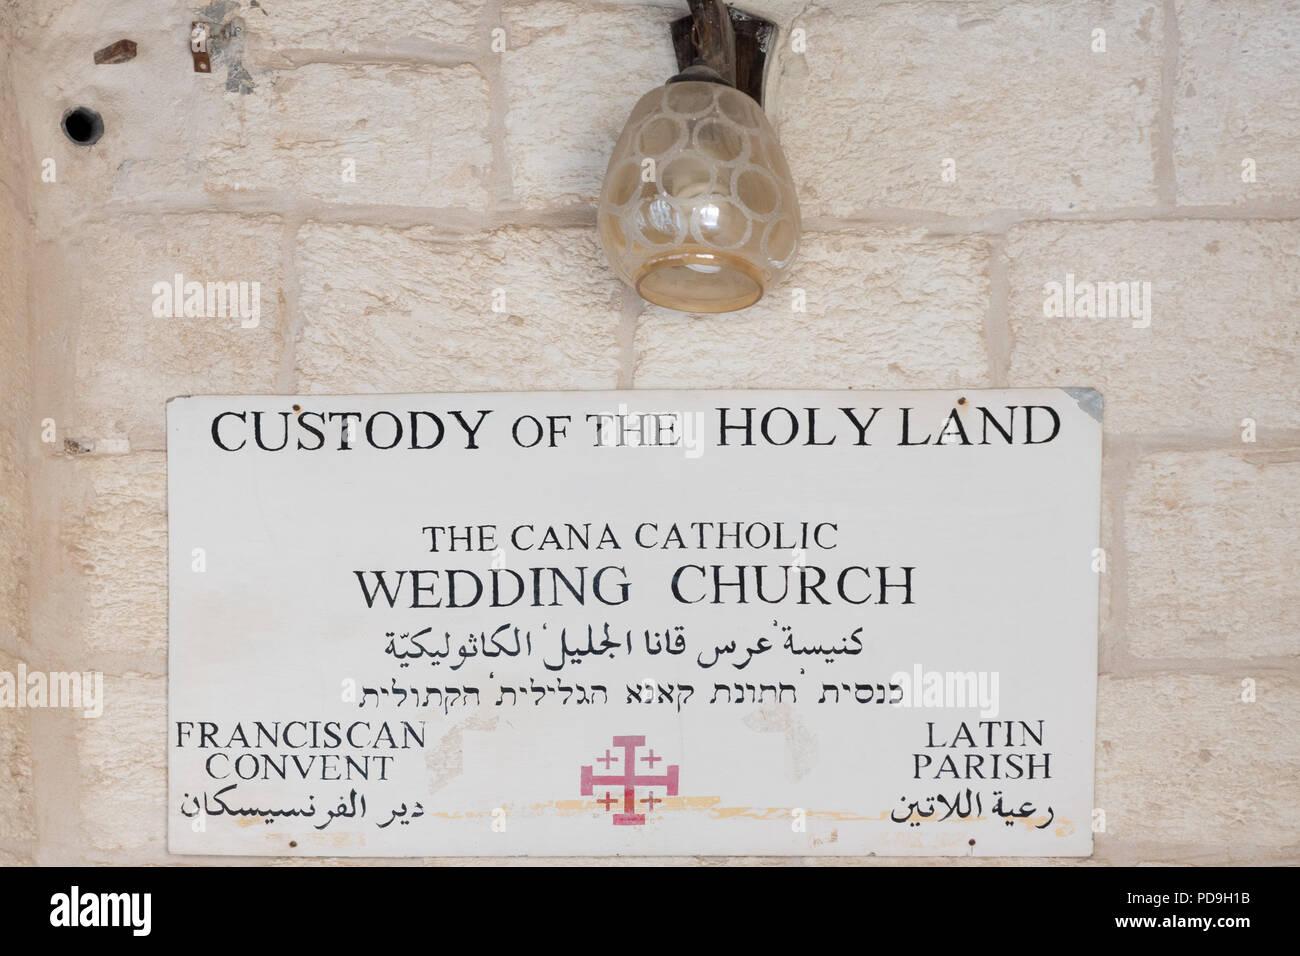 Zeichen Fur Die Franziskanische Cana Katholische Trauung Kirche In